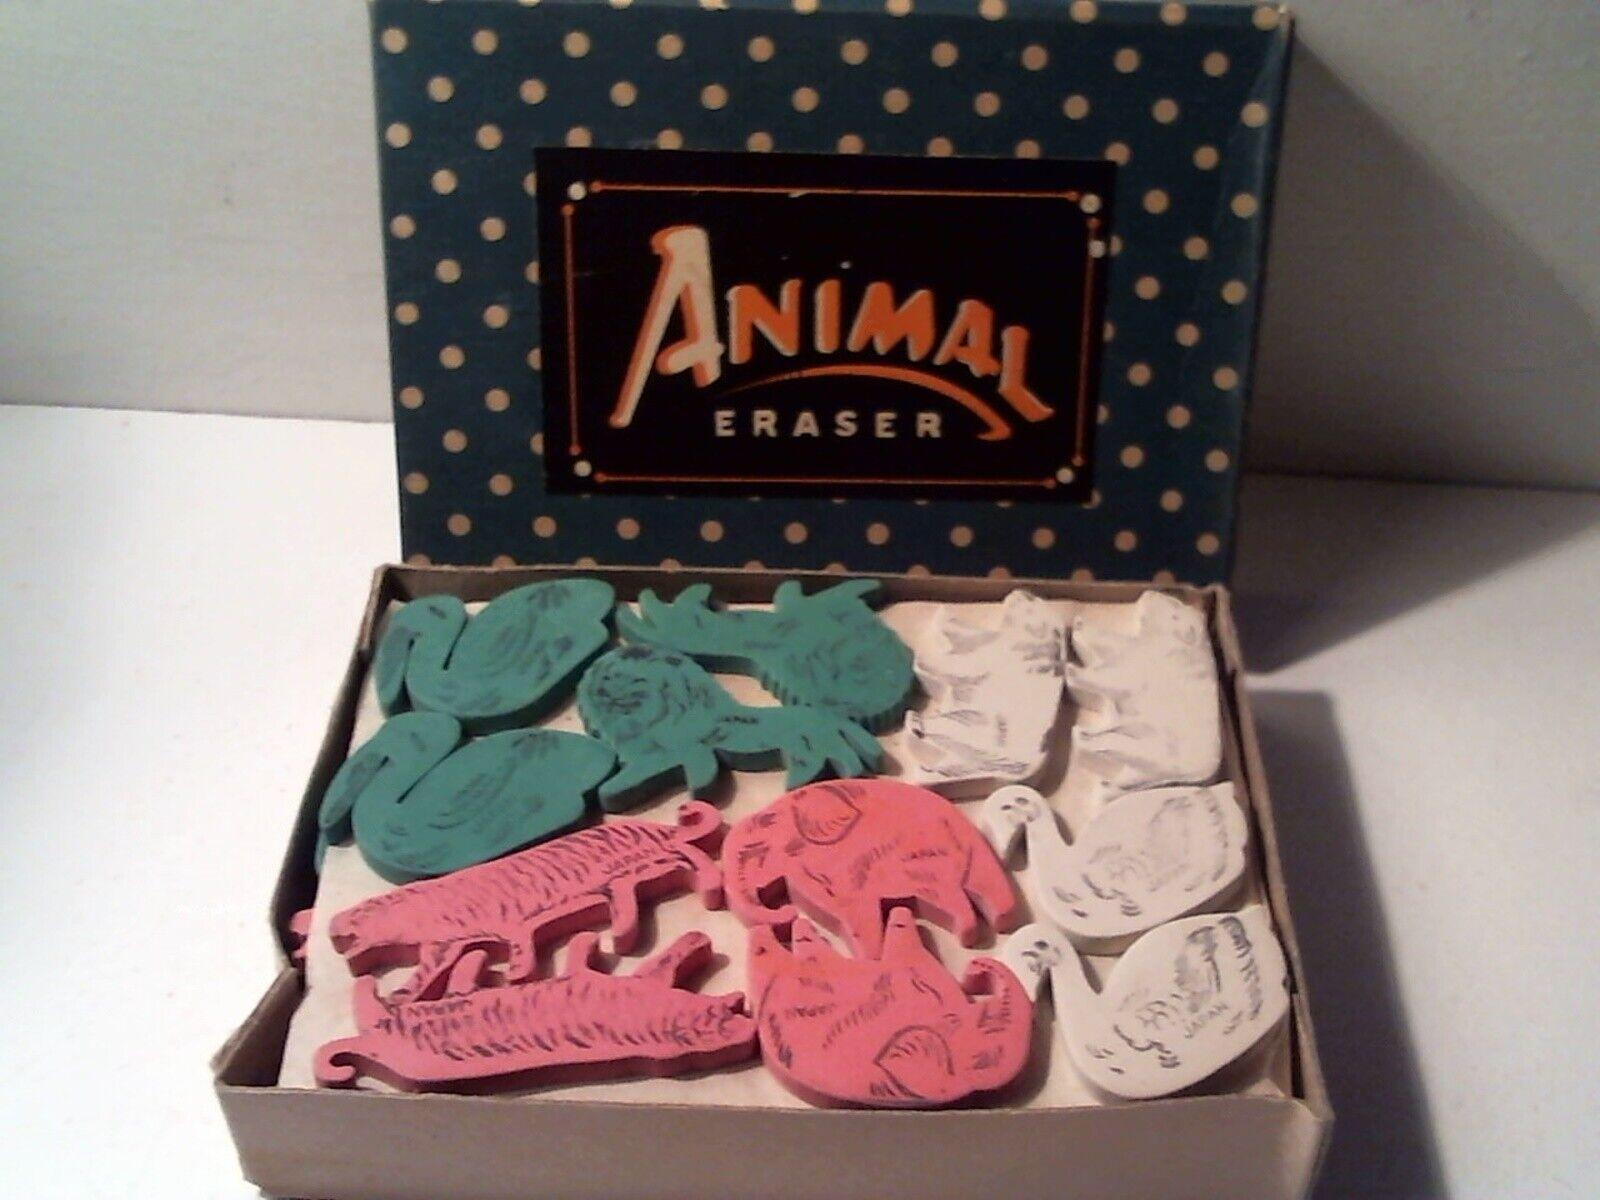 Raro Distribuidor Original Caja Vintage Década de 1950 animal en forma de goma de borrar - 72 gomas de borrar